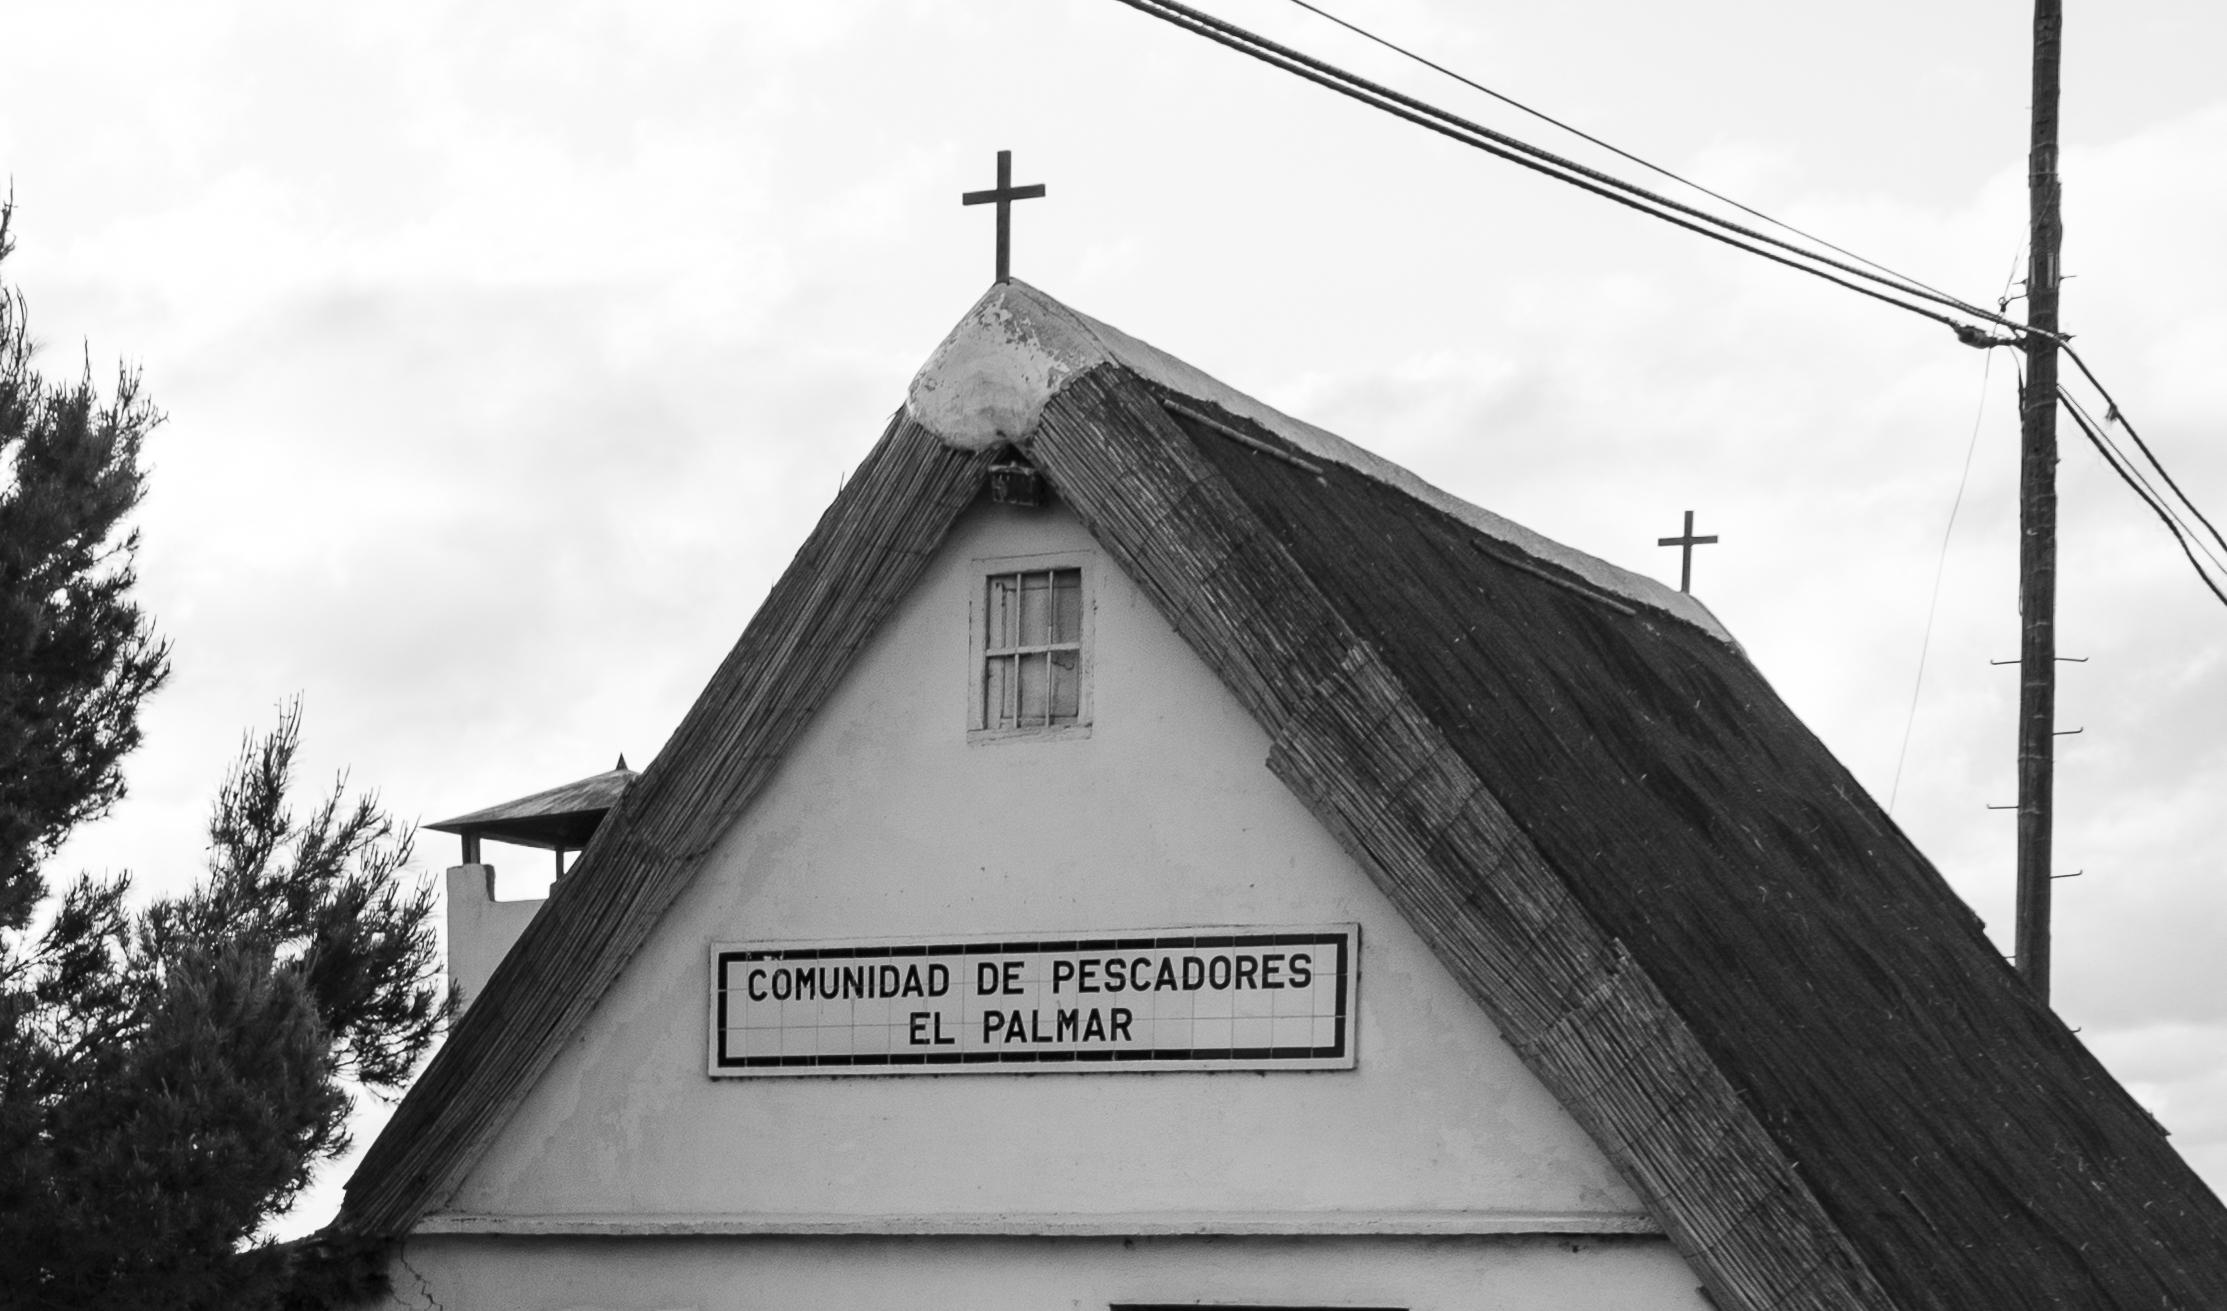 Detalle cruces de madera barraca en El Palmar